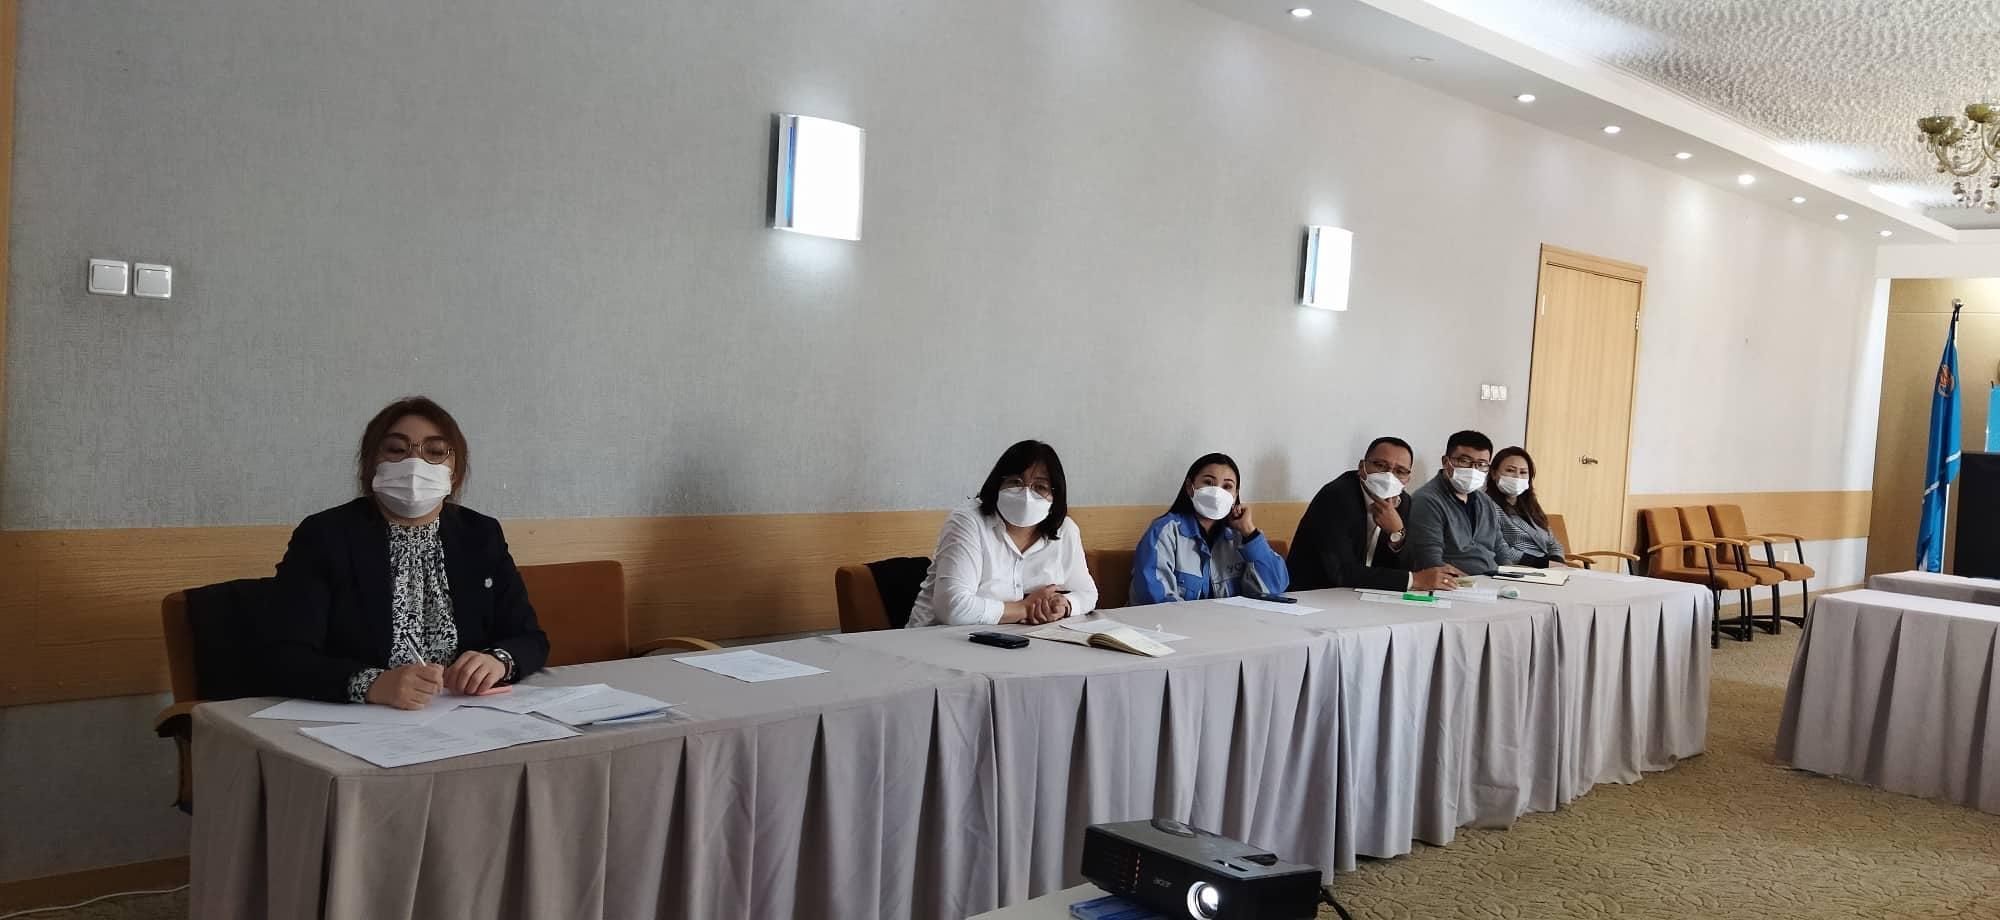 УСУГ-ын удирдах ажилтнууд шинэ хуулийн талаар мэдээлэл авлаа